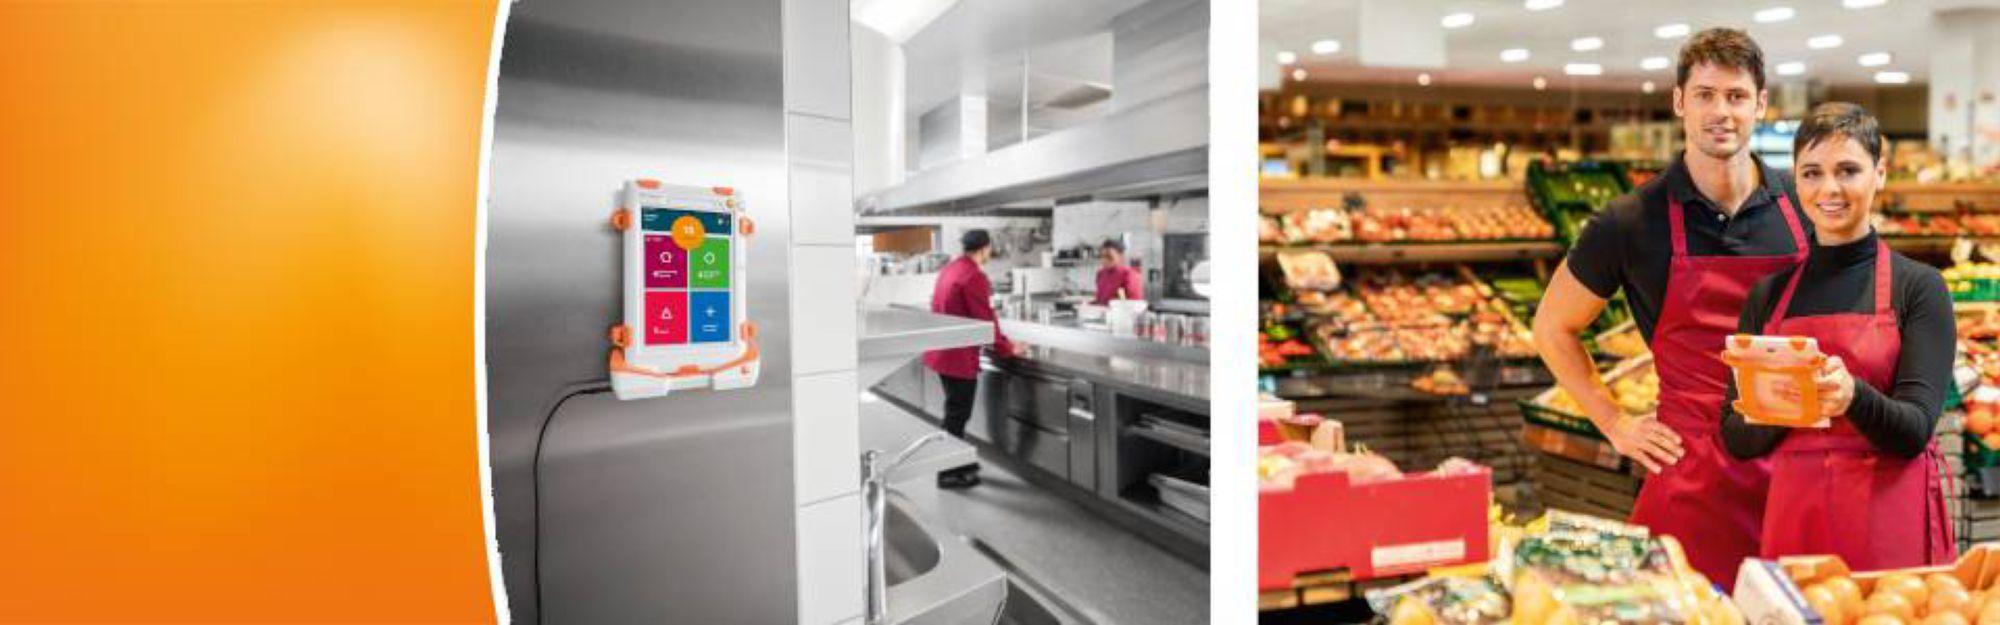 Dijital gıda güvenliği sistemleri